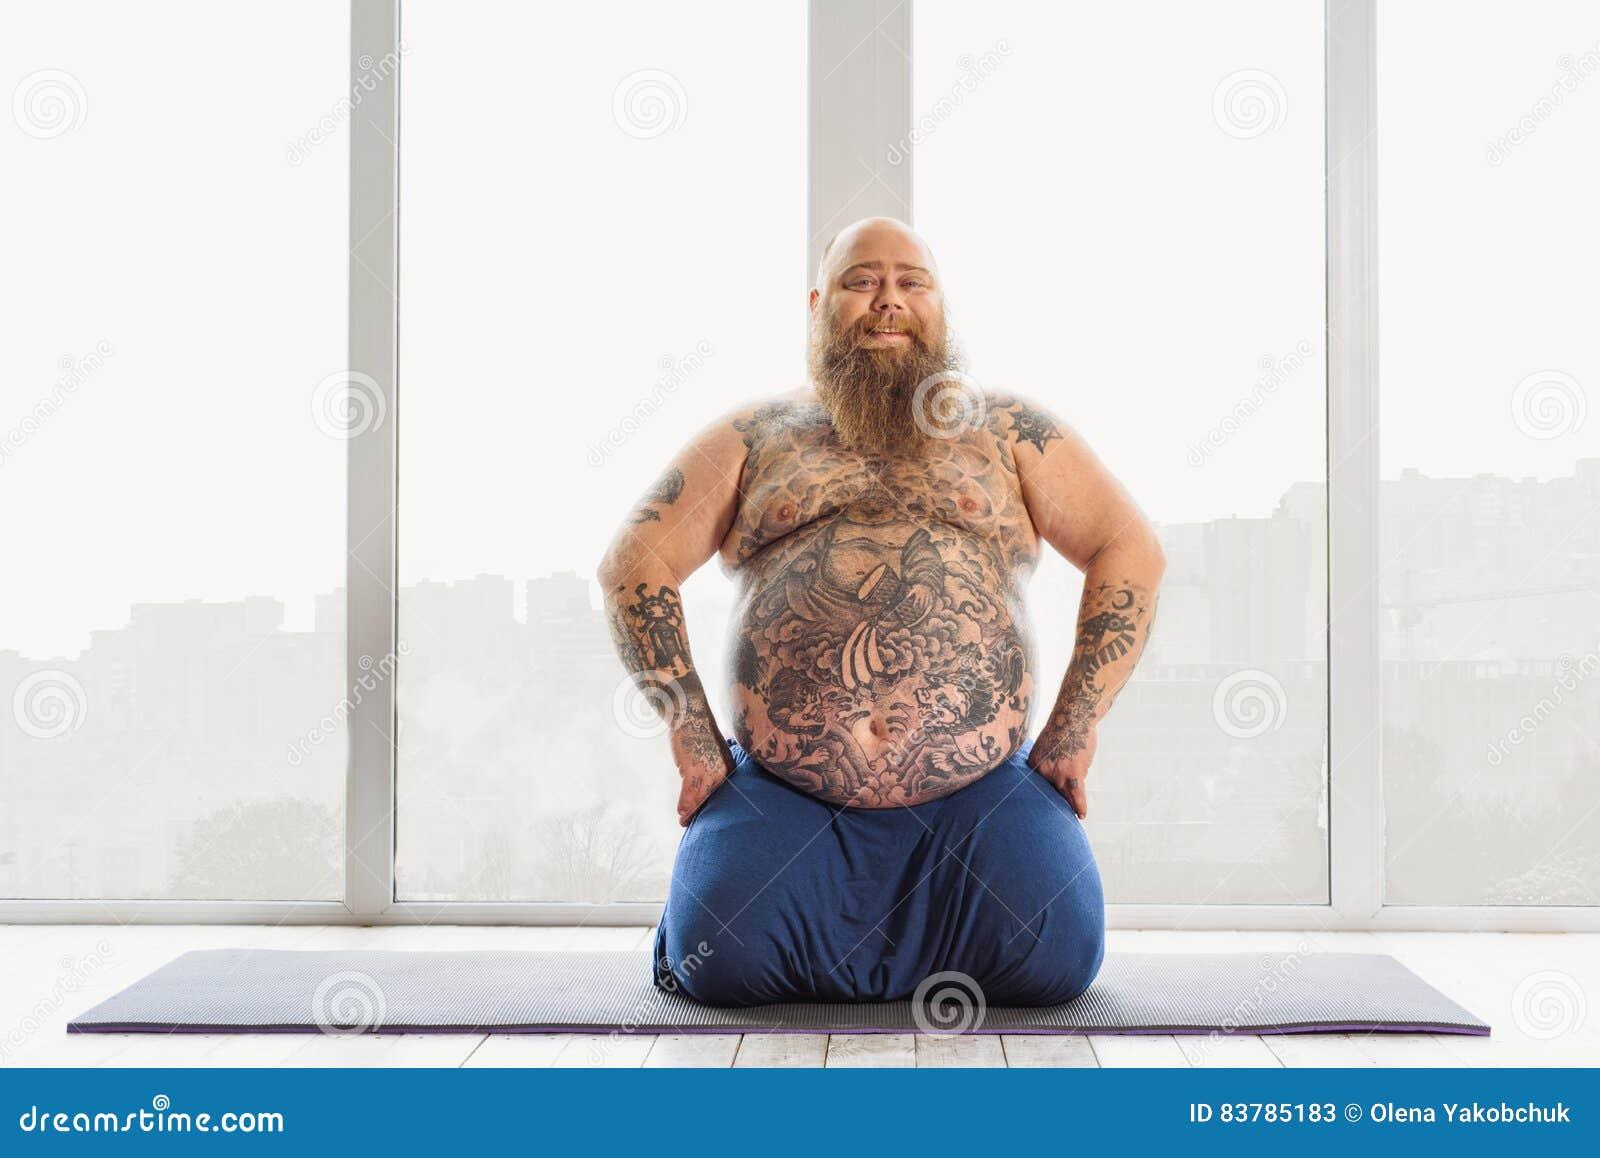 Joyful Mature Fat Man Doing Yoga At Home